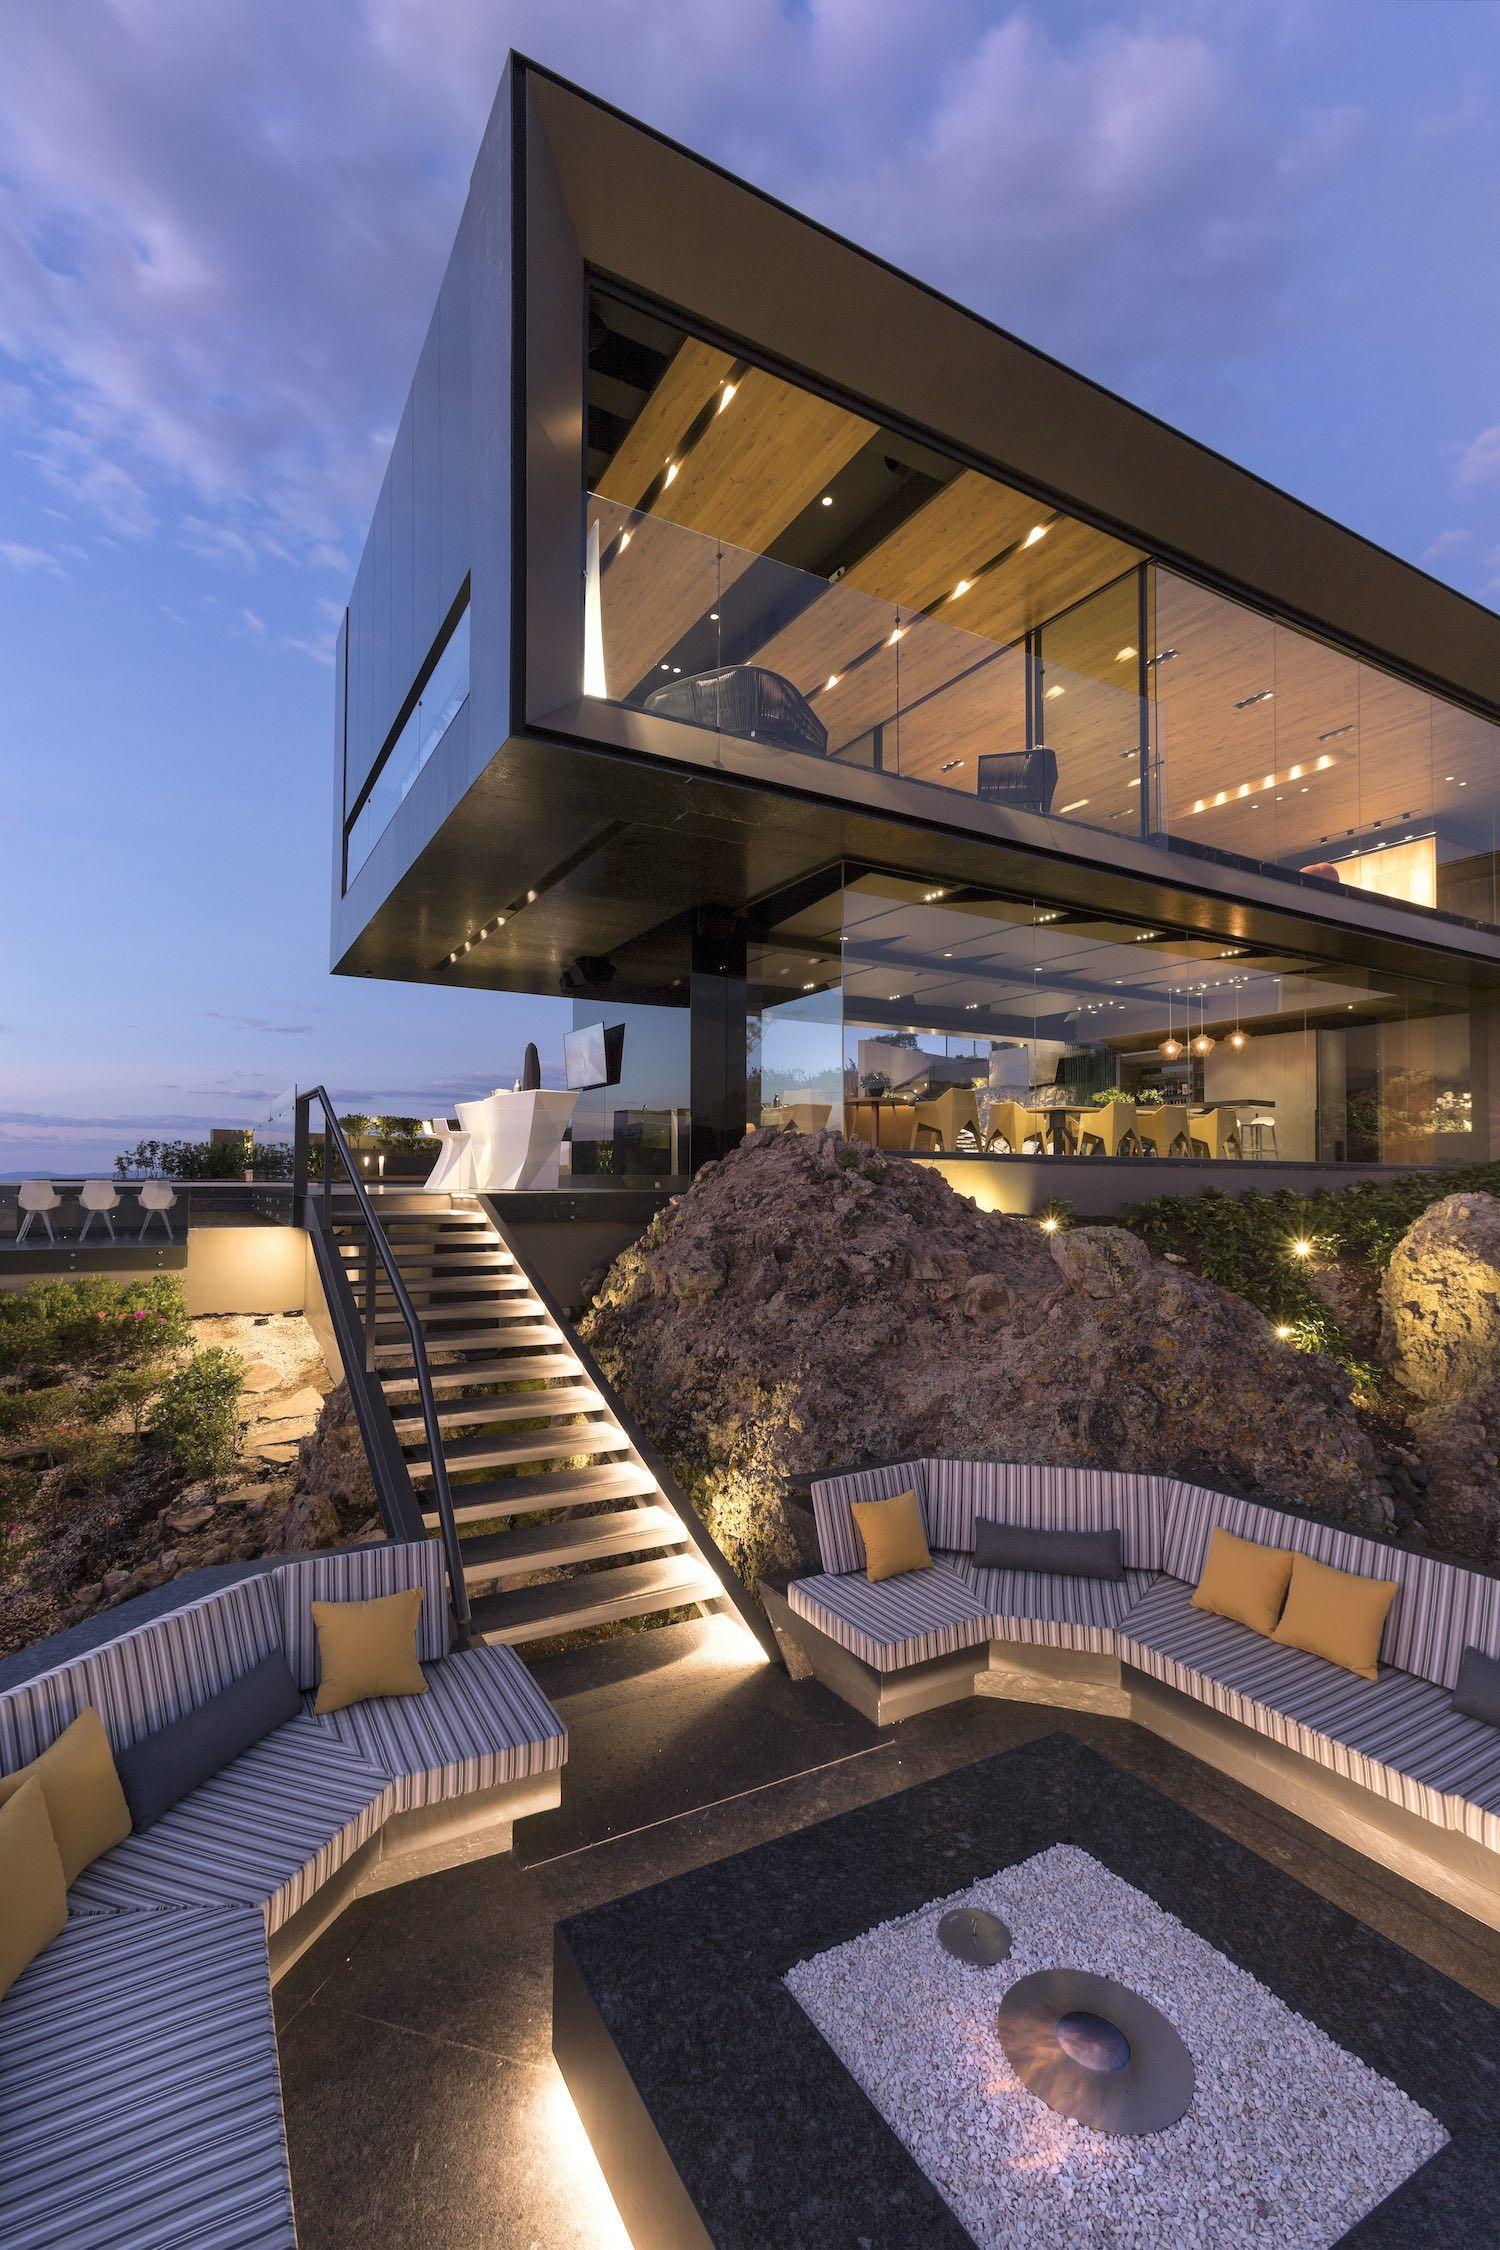 Casa la roca residence in Mexico designed by RRZ Arquitectos